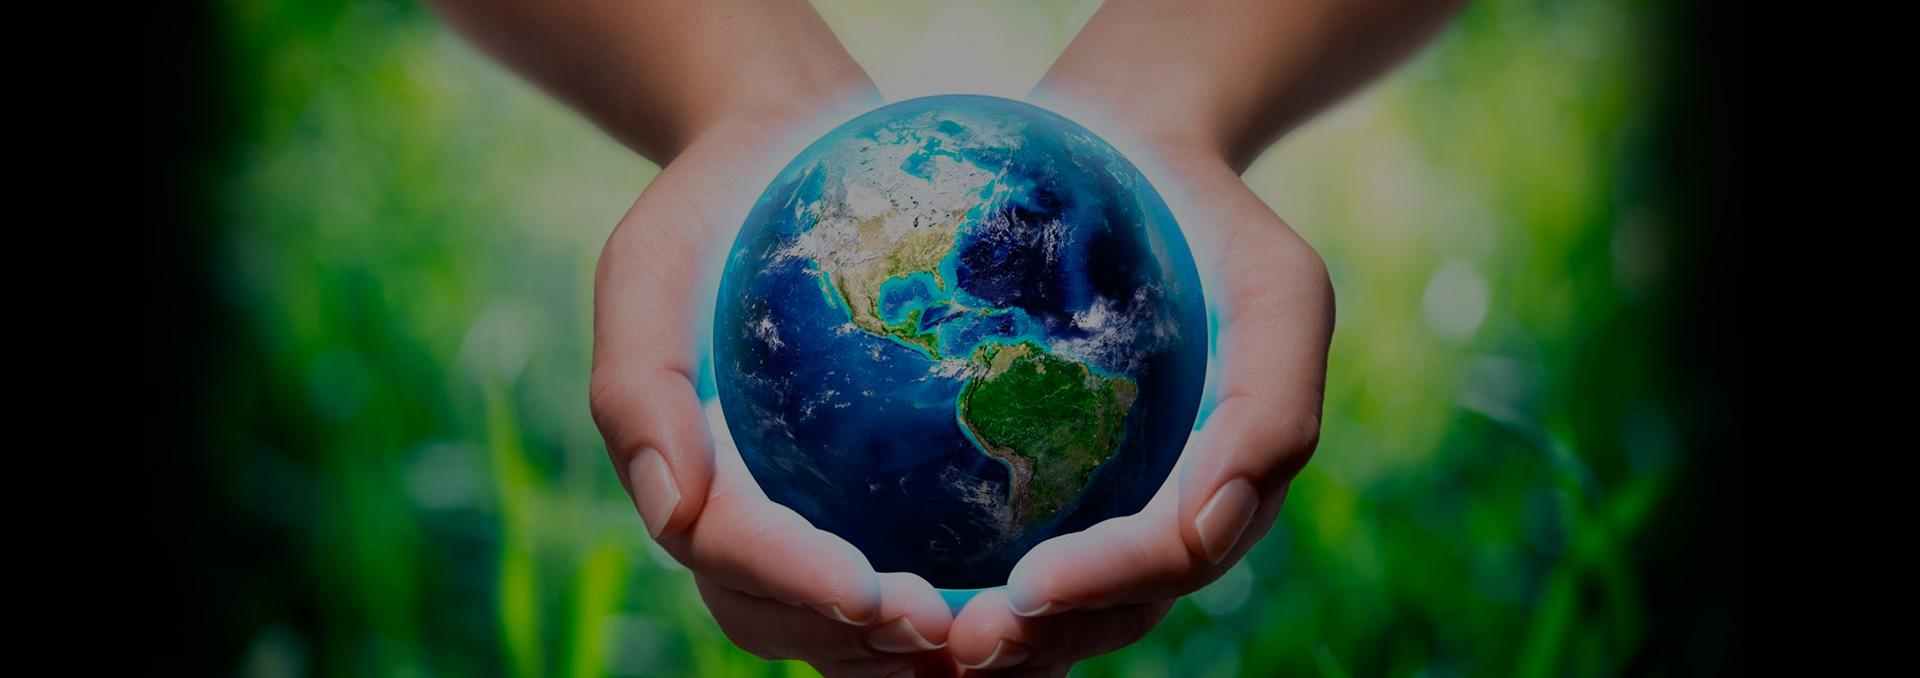 Ciencia y tecnología con impacto social